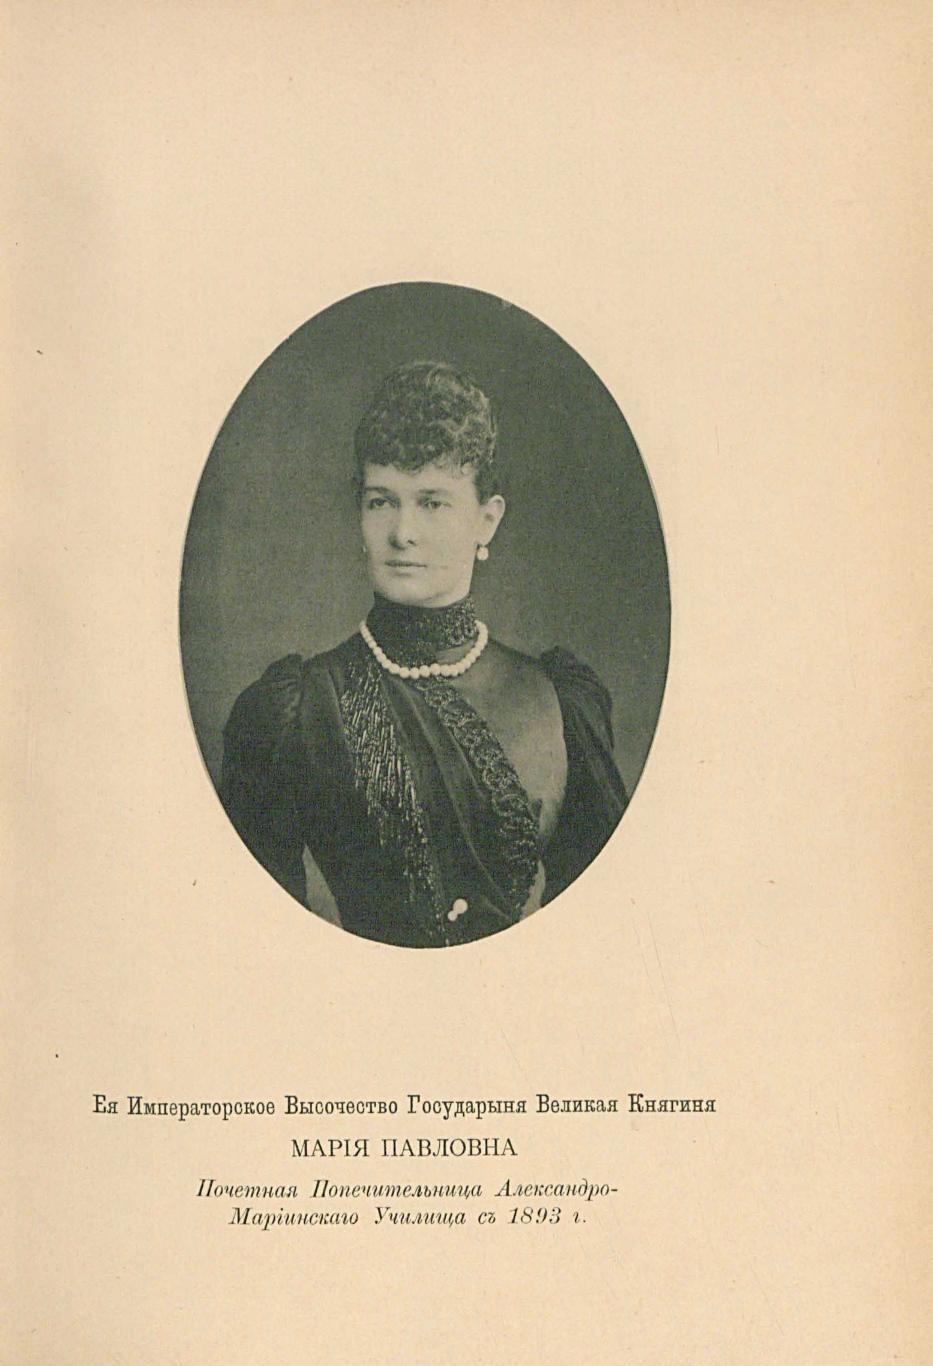 Её Императорское Высочество Государыня Великая Княгиня Мария Павловна